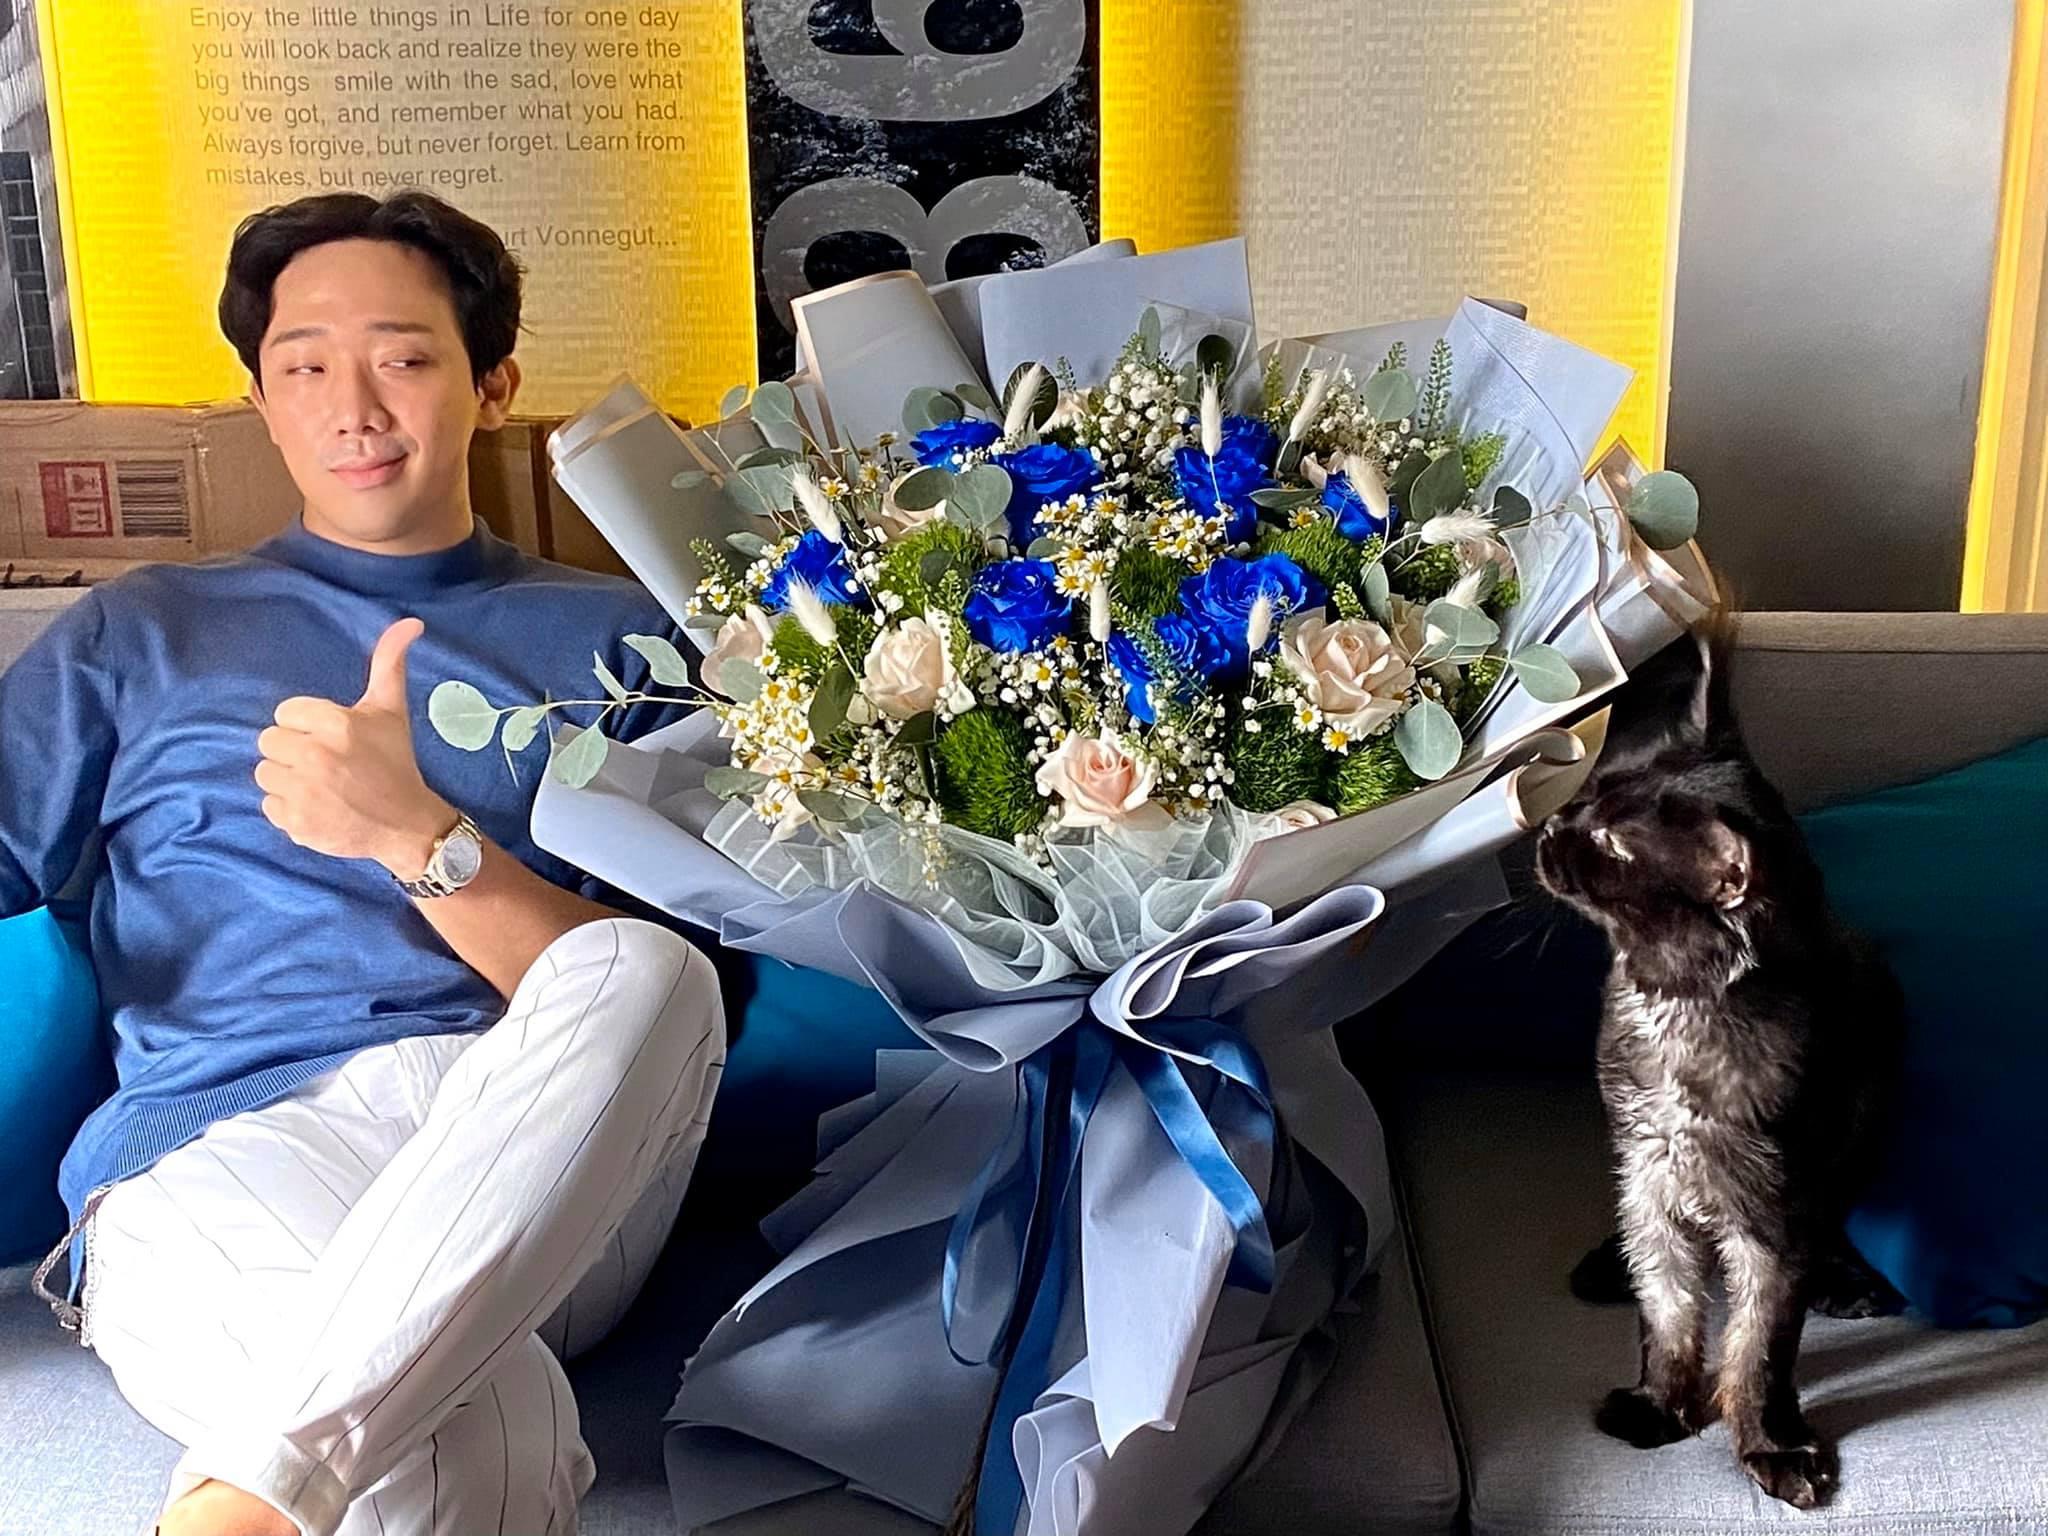 Trấn Thành gọi Hari Won là hắn, tặng vợ hoa hồng xanh quý hiếm ngày 8/3